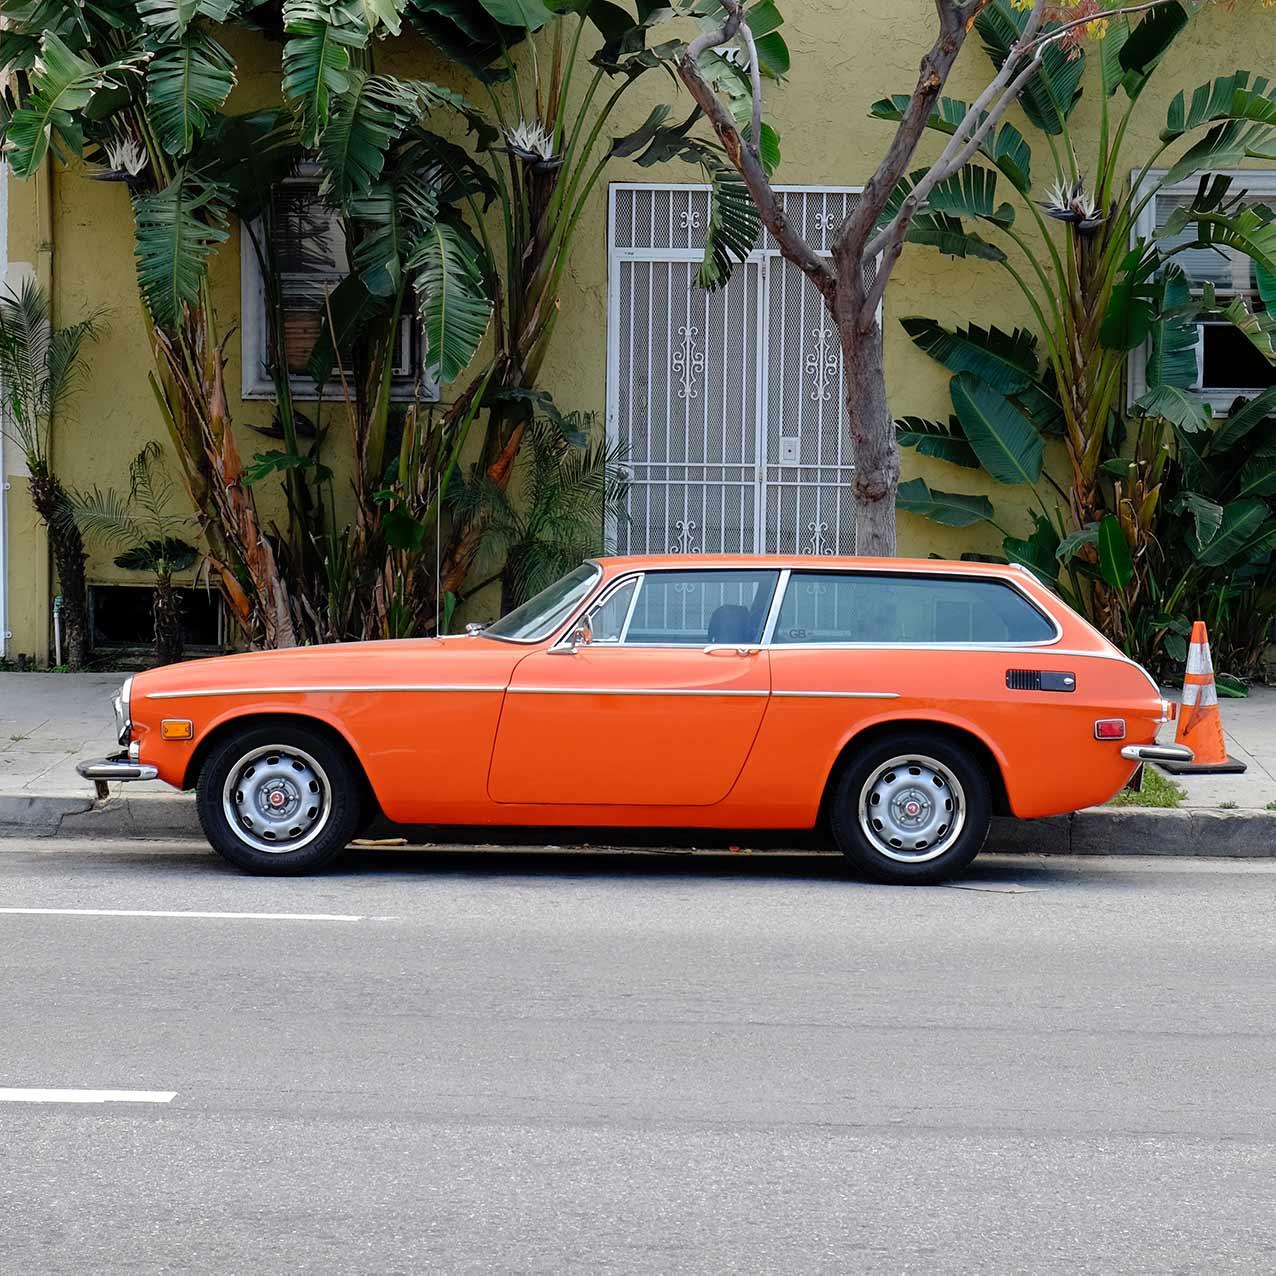 Mercedes Benz 200-serie W114 fra 1975. Import af brugte biler USA-importen.